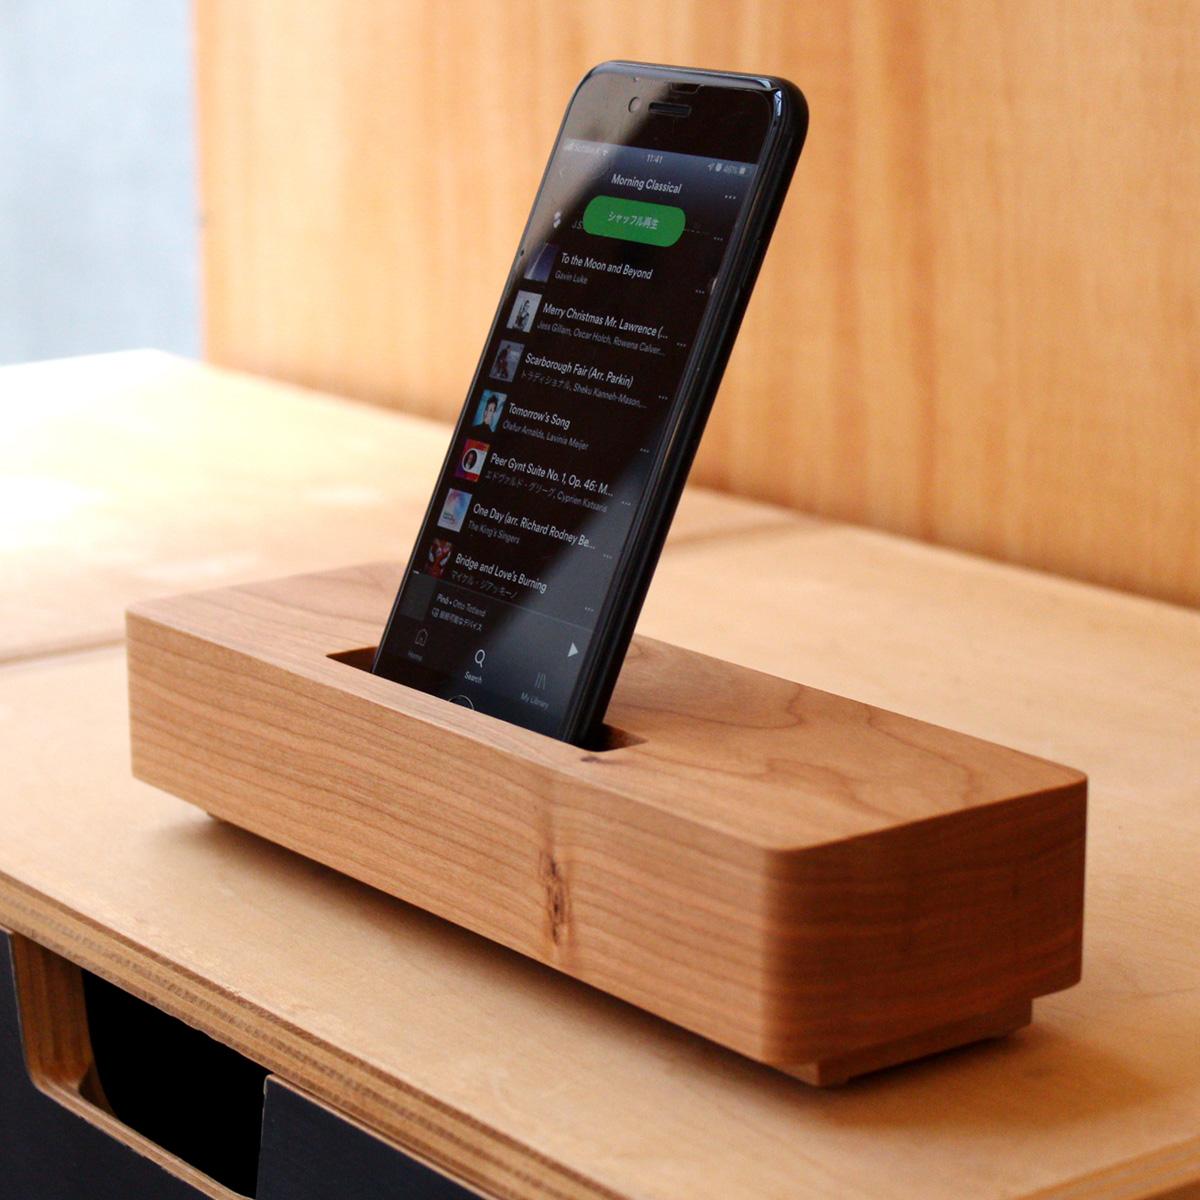 【スマートフォン専用】重厚感あふれるシンプルな木製スピーカースタンド「Wooden Speaker Brick」-チェリー